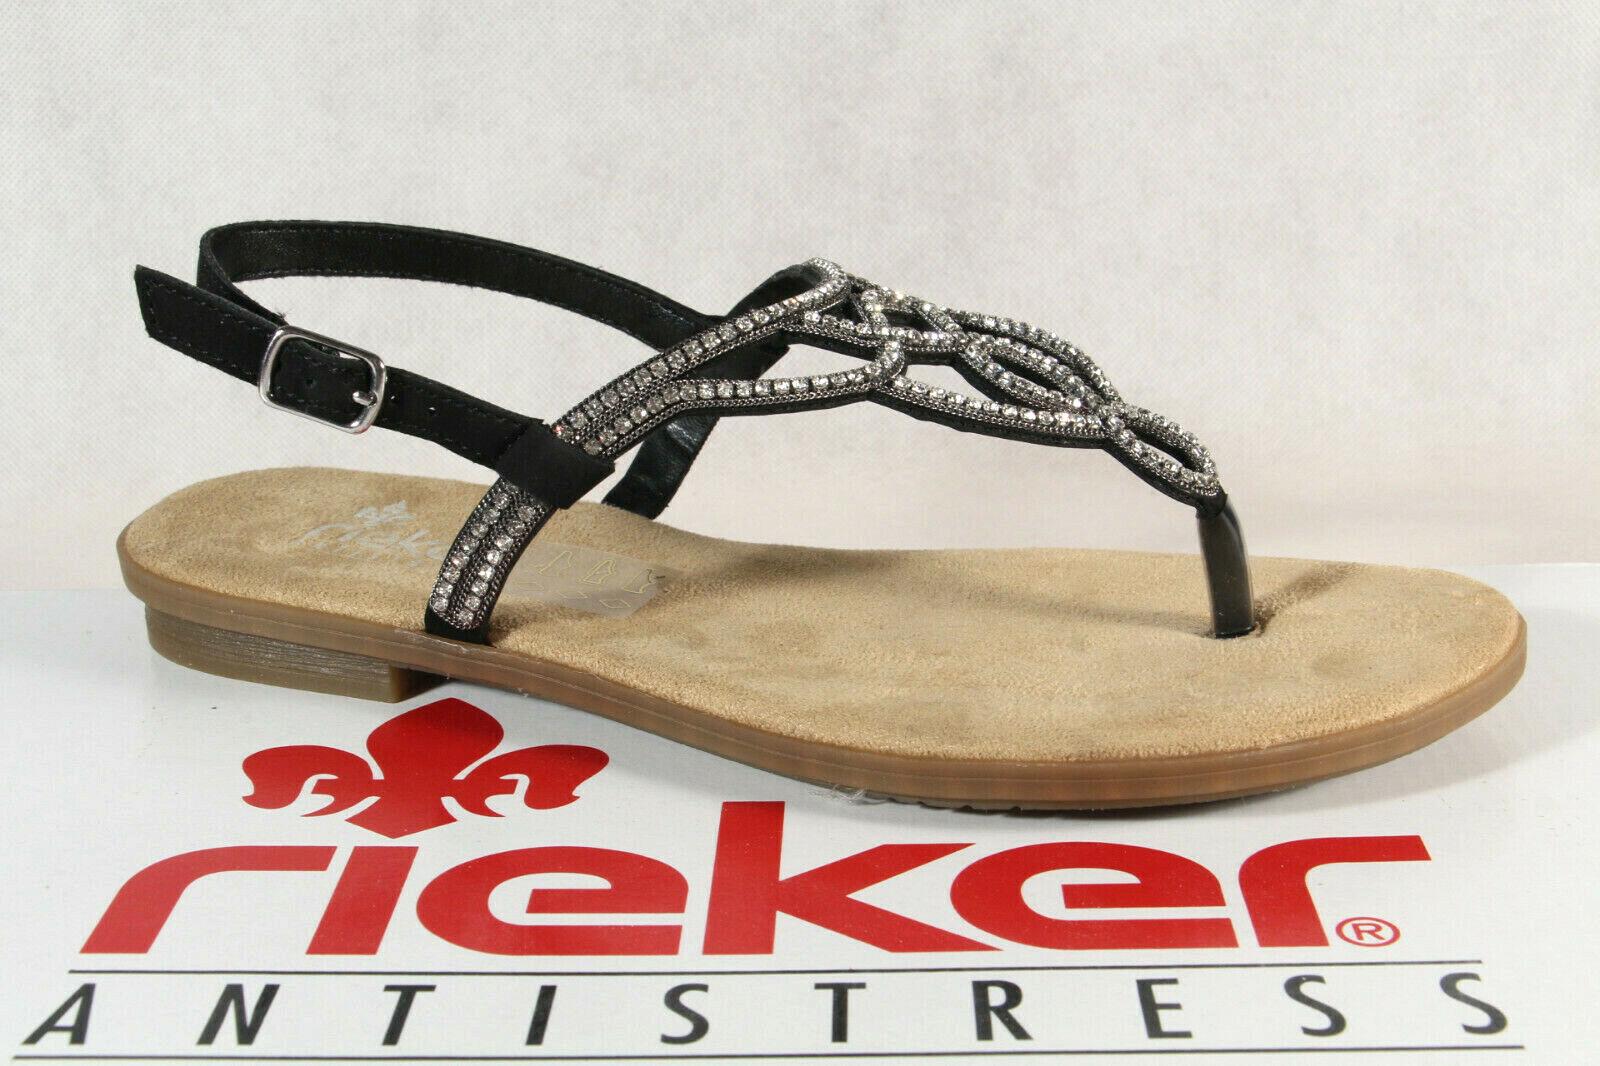 Rieker Antistress Damen Zehenstegsandale Sandale Gummisohle schwarz 65107 NEU